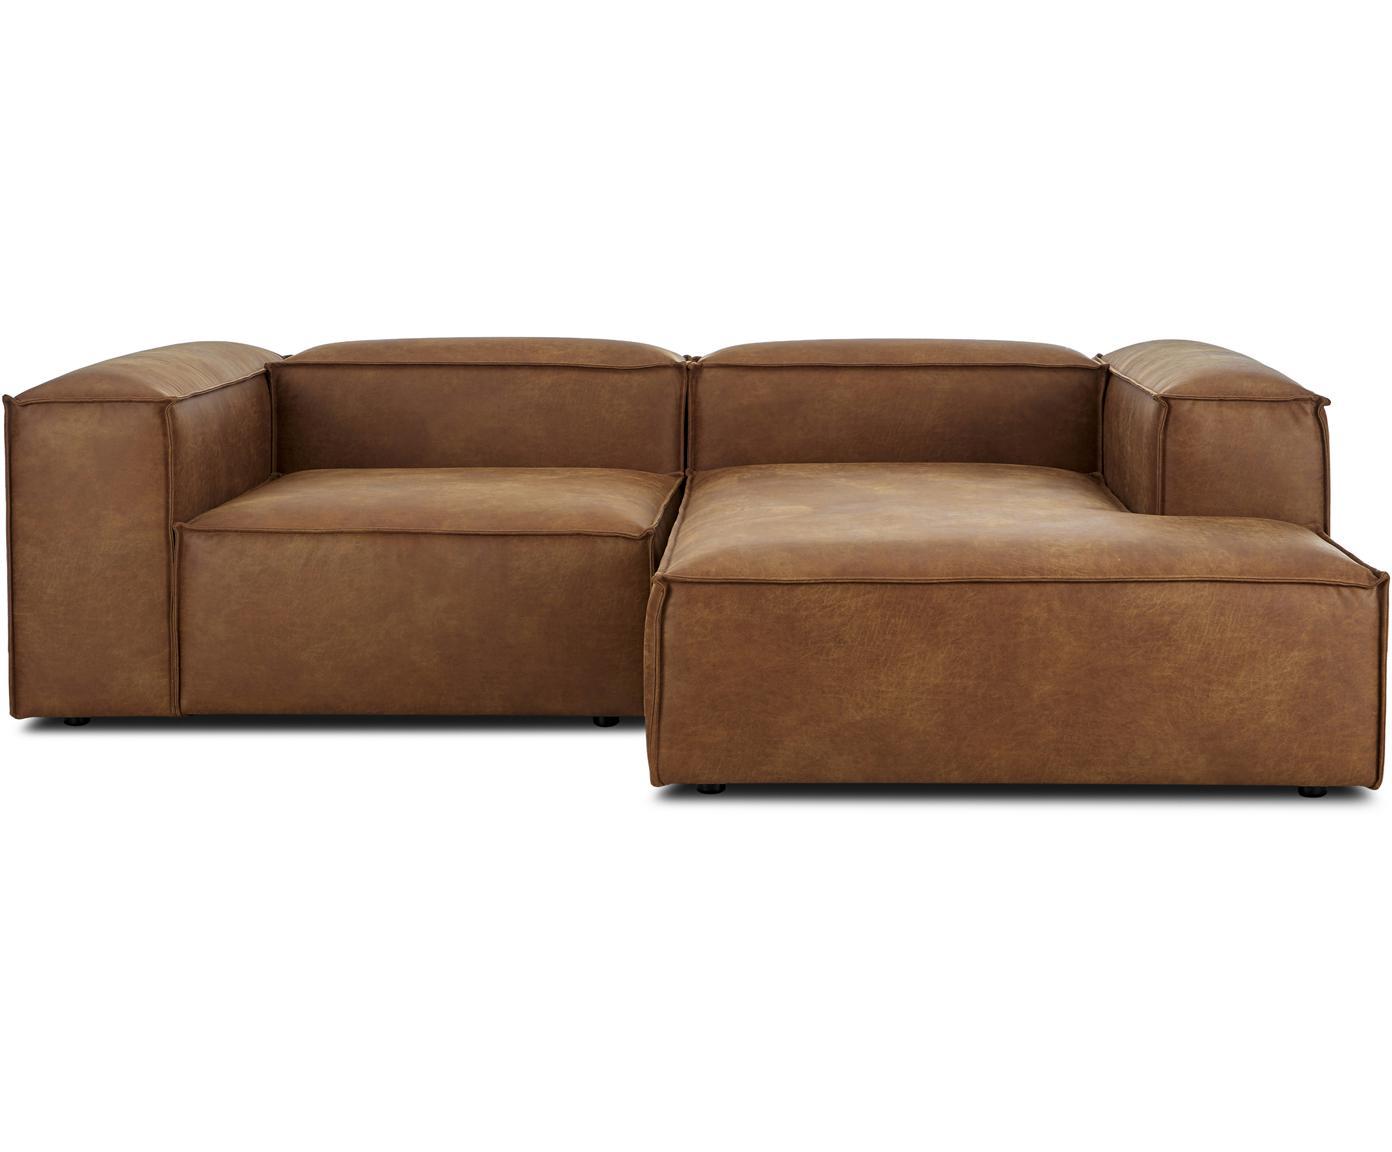 Sofa modułowa narożna ze skóry Lennon, Tapicerka: 70% skóra, 30% poliester , Stelaż: lite drewno sosnowe, płyt, Nogi: tworzywo sztuczne, Brązowy, S 238 x G 180 cm